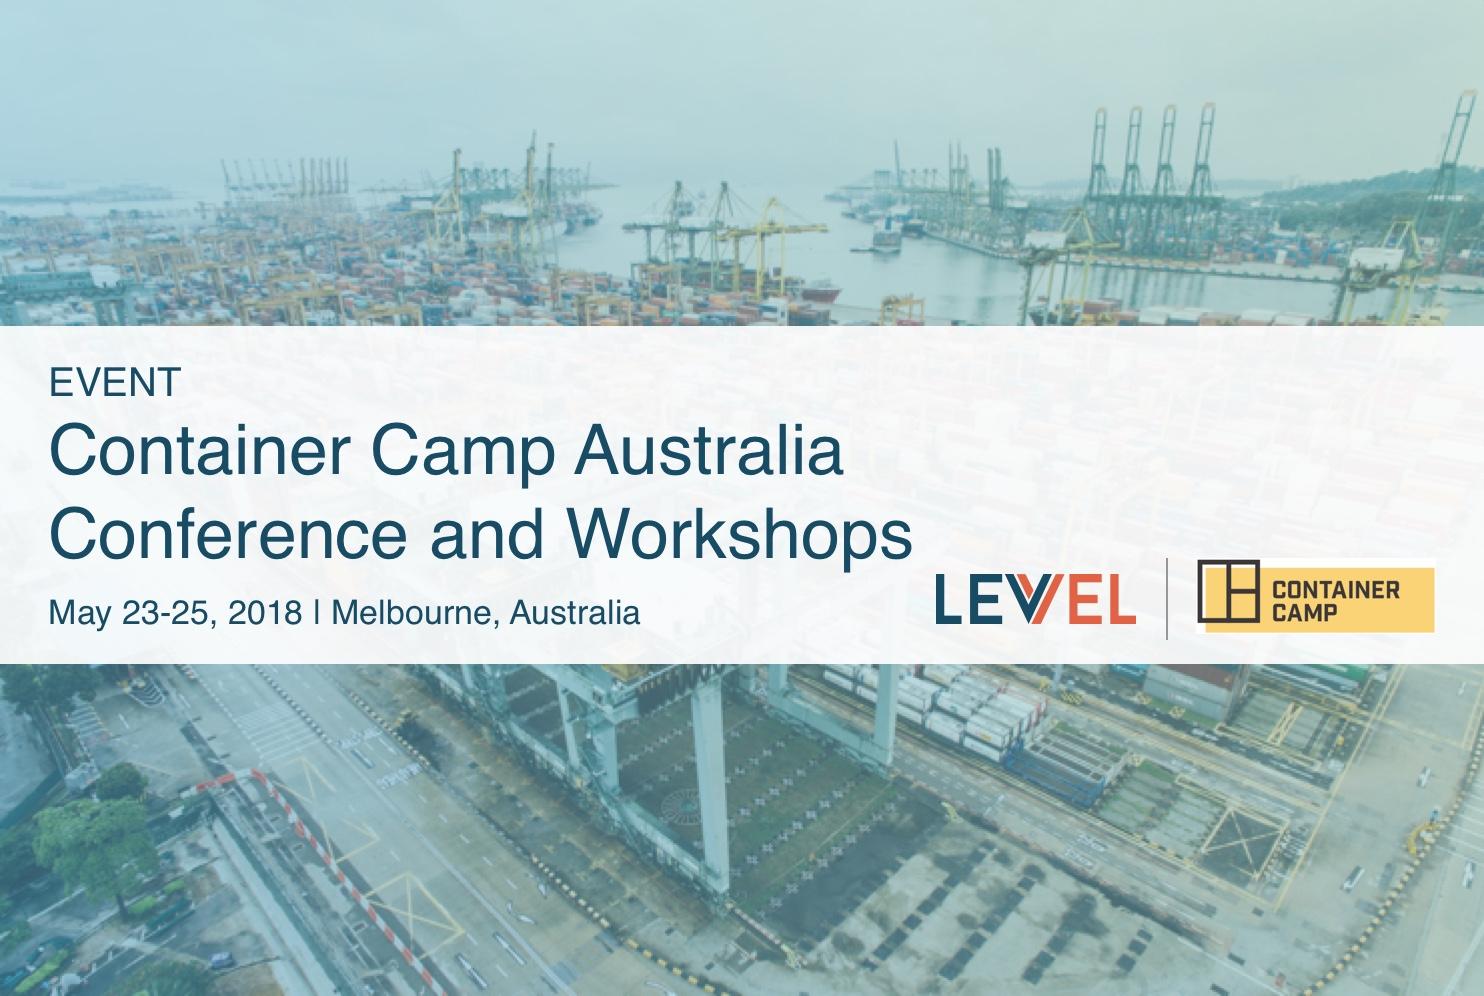 Container Camp Australia